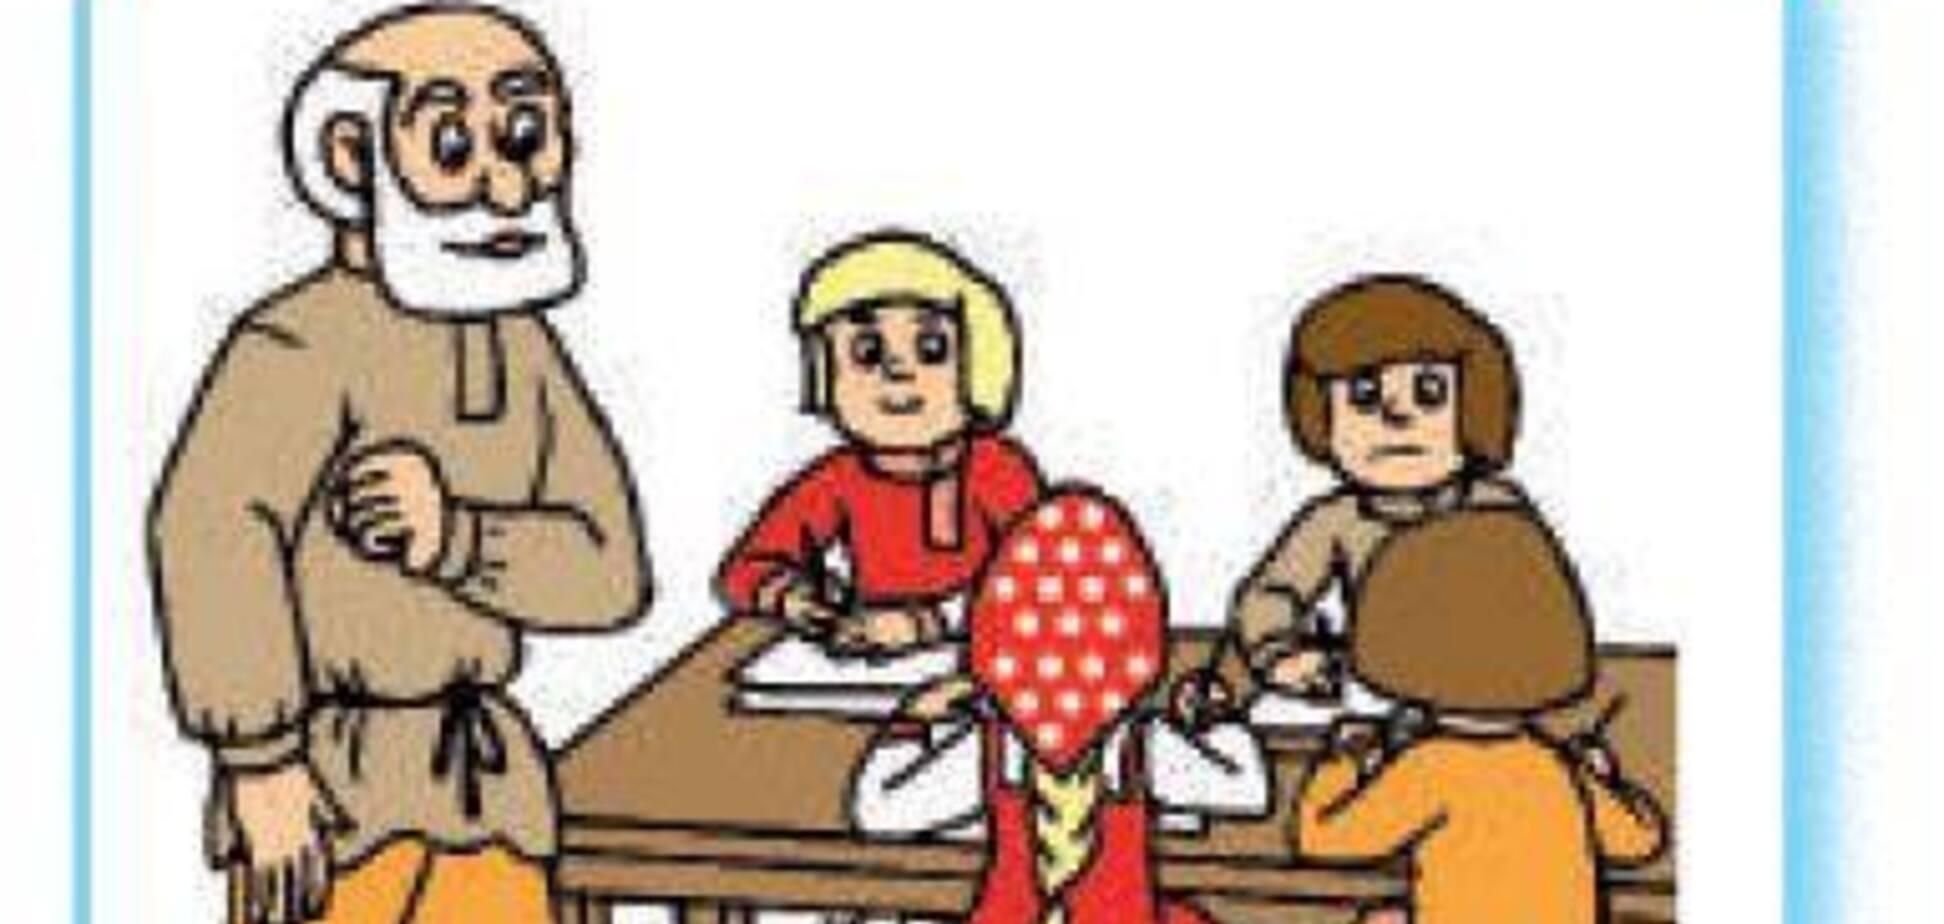 У Міністерстві освіти хочуть виховати з українських дітей московитів у лаптях та косоворотках